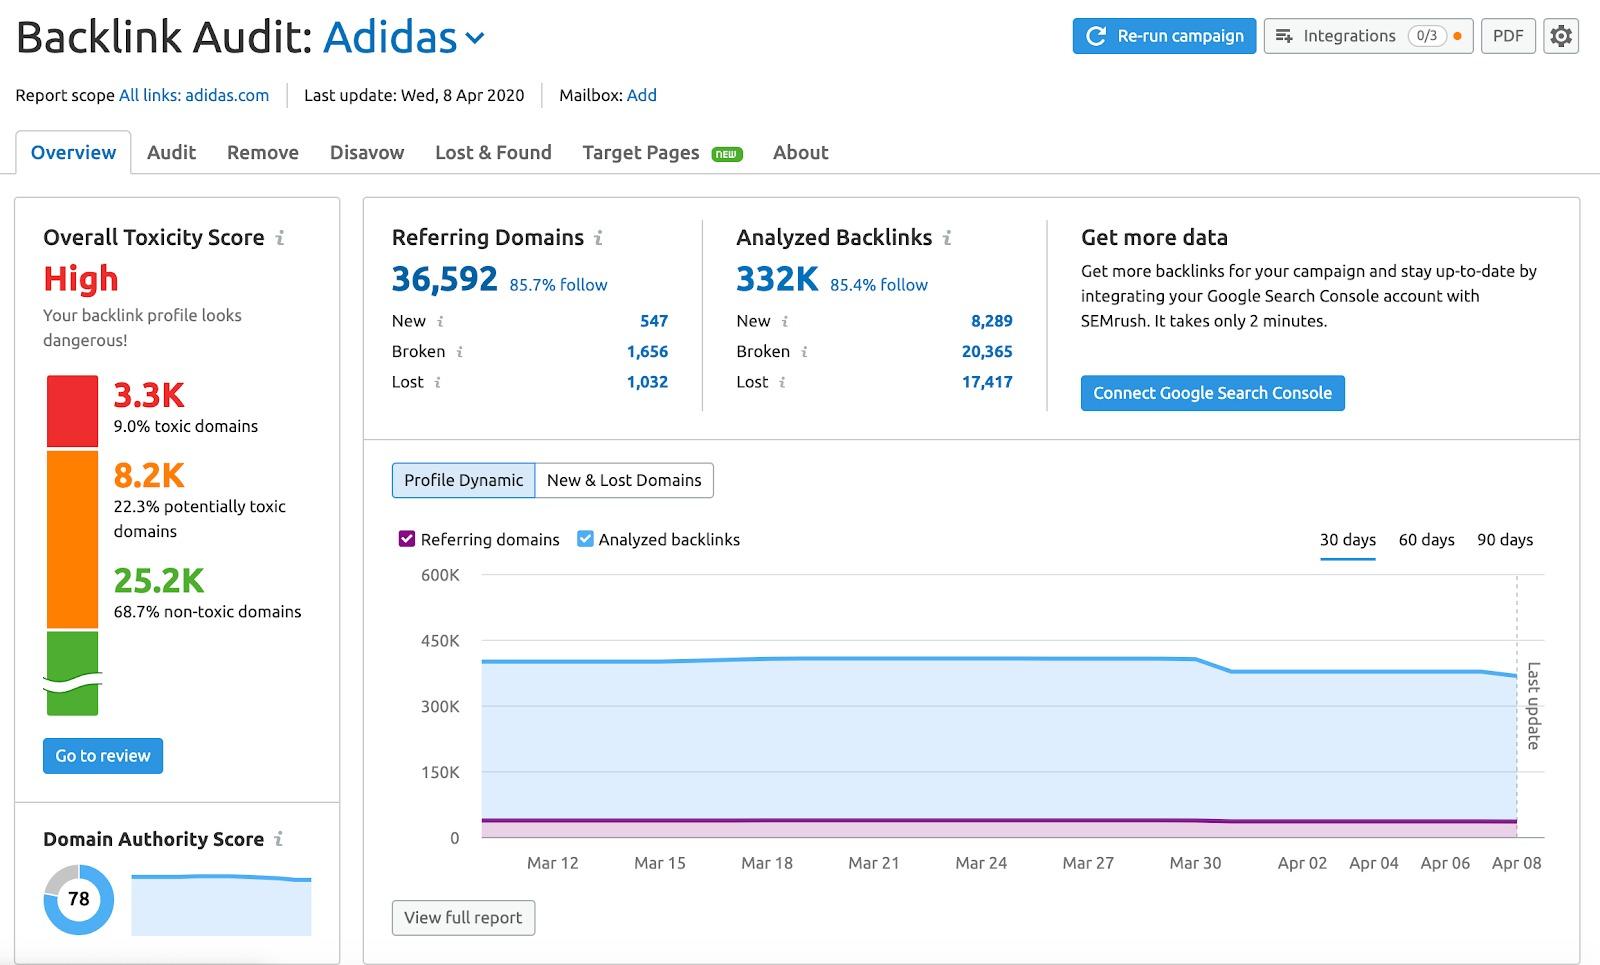 Backlink Audit Overview image 1